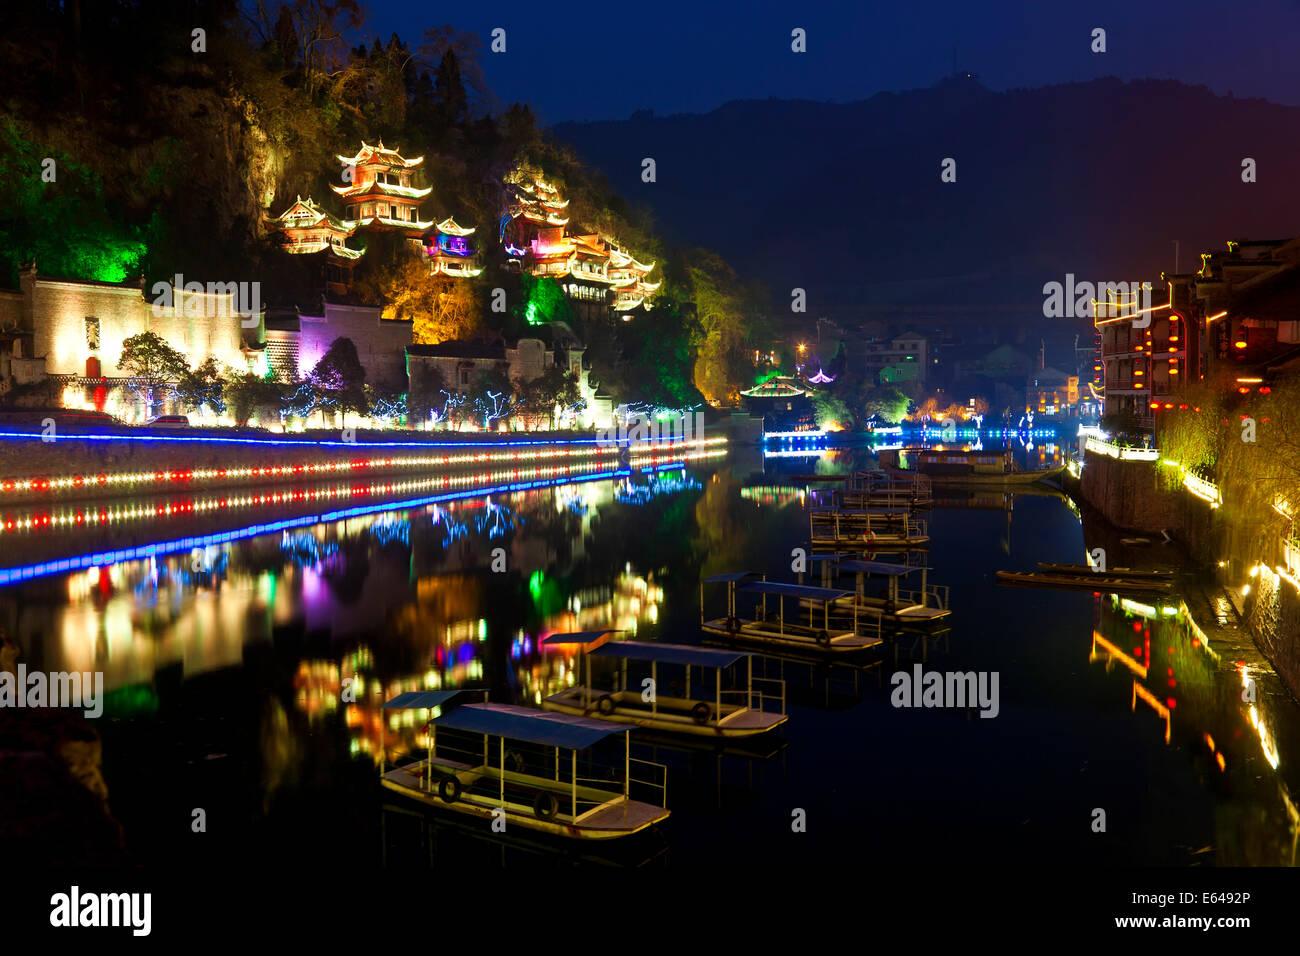 Zhenyuan illuminated at dusk, Zhenyuan, Guizhou, China - Stock Image